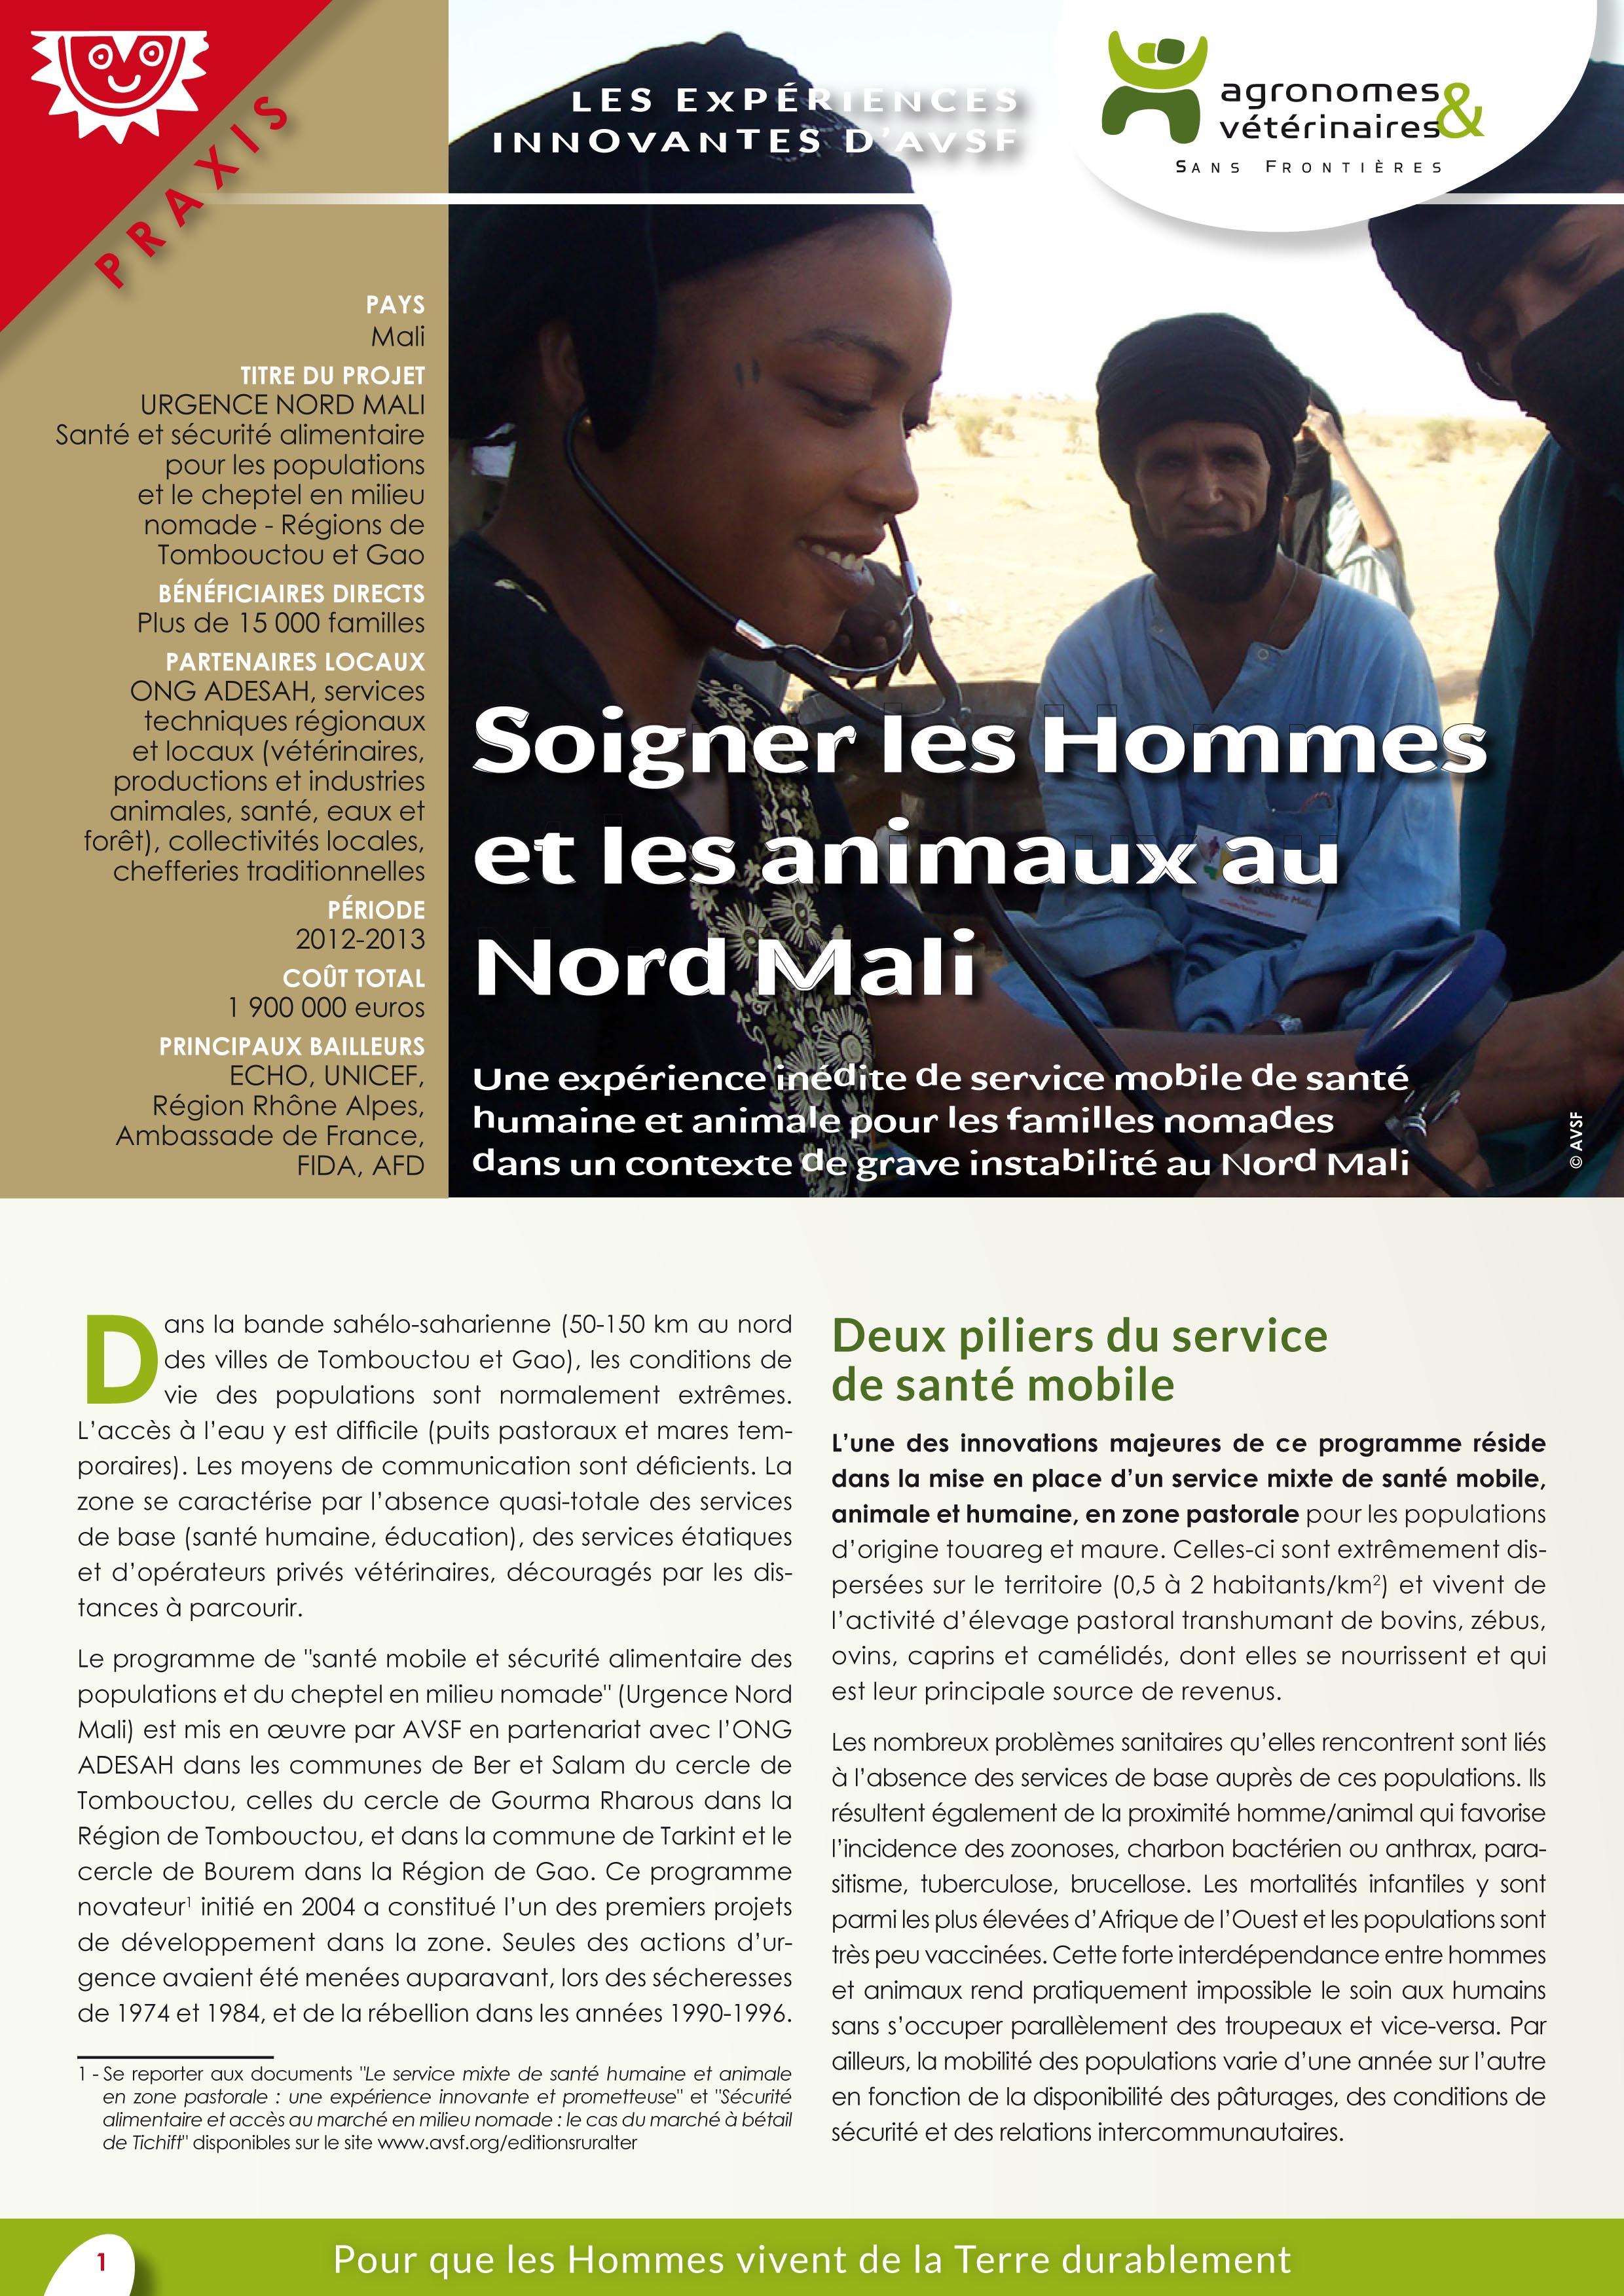 les expériences innovantes d'AVSF : soigner les Hommes et les animaux au Nord Mali Image principale